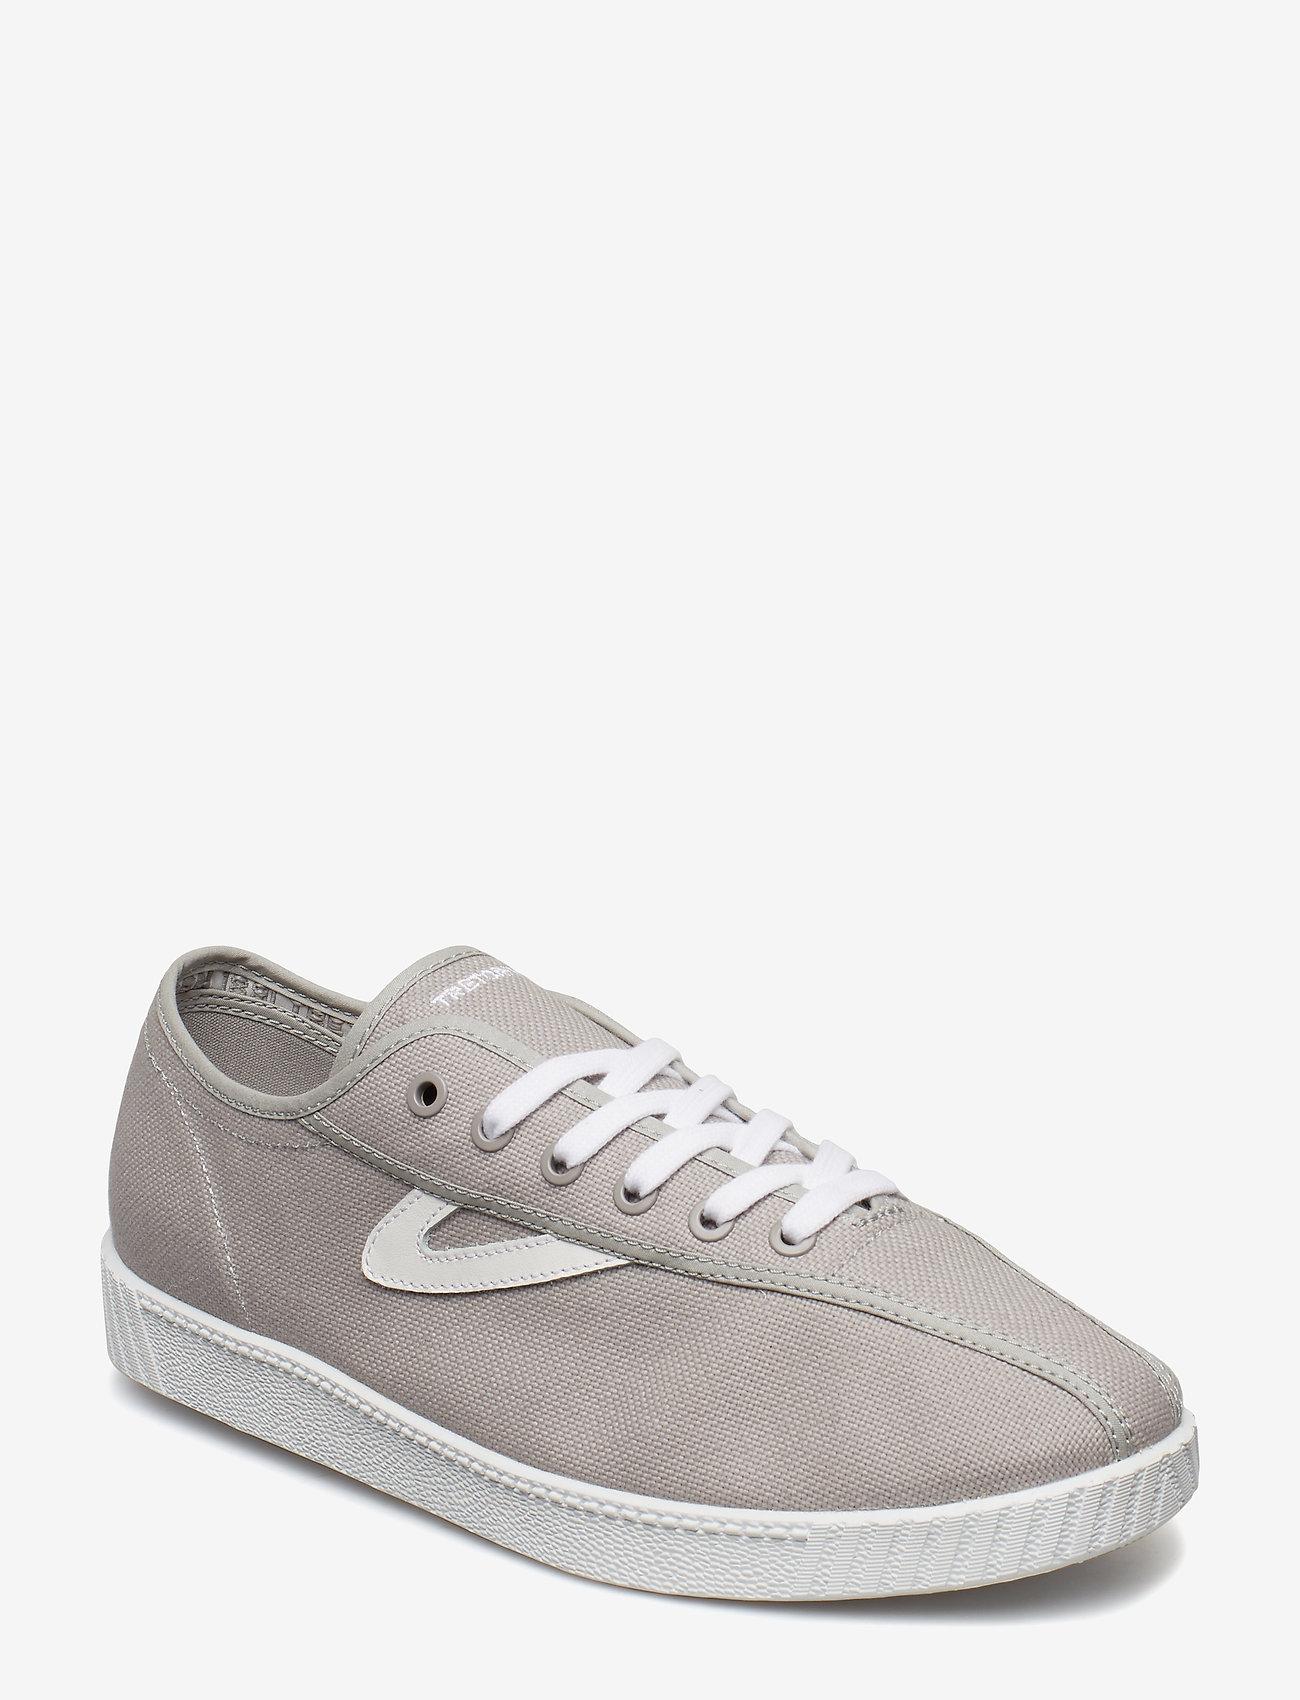 Tretorn - NYLITE - baskets basses - 005/grey/white - 0